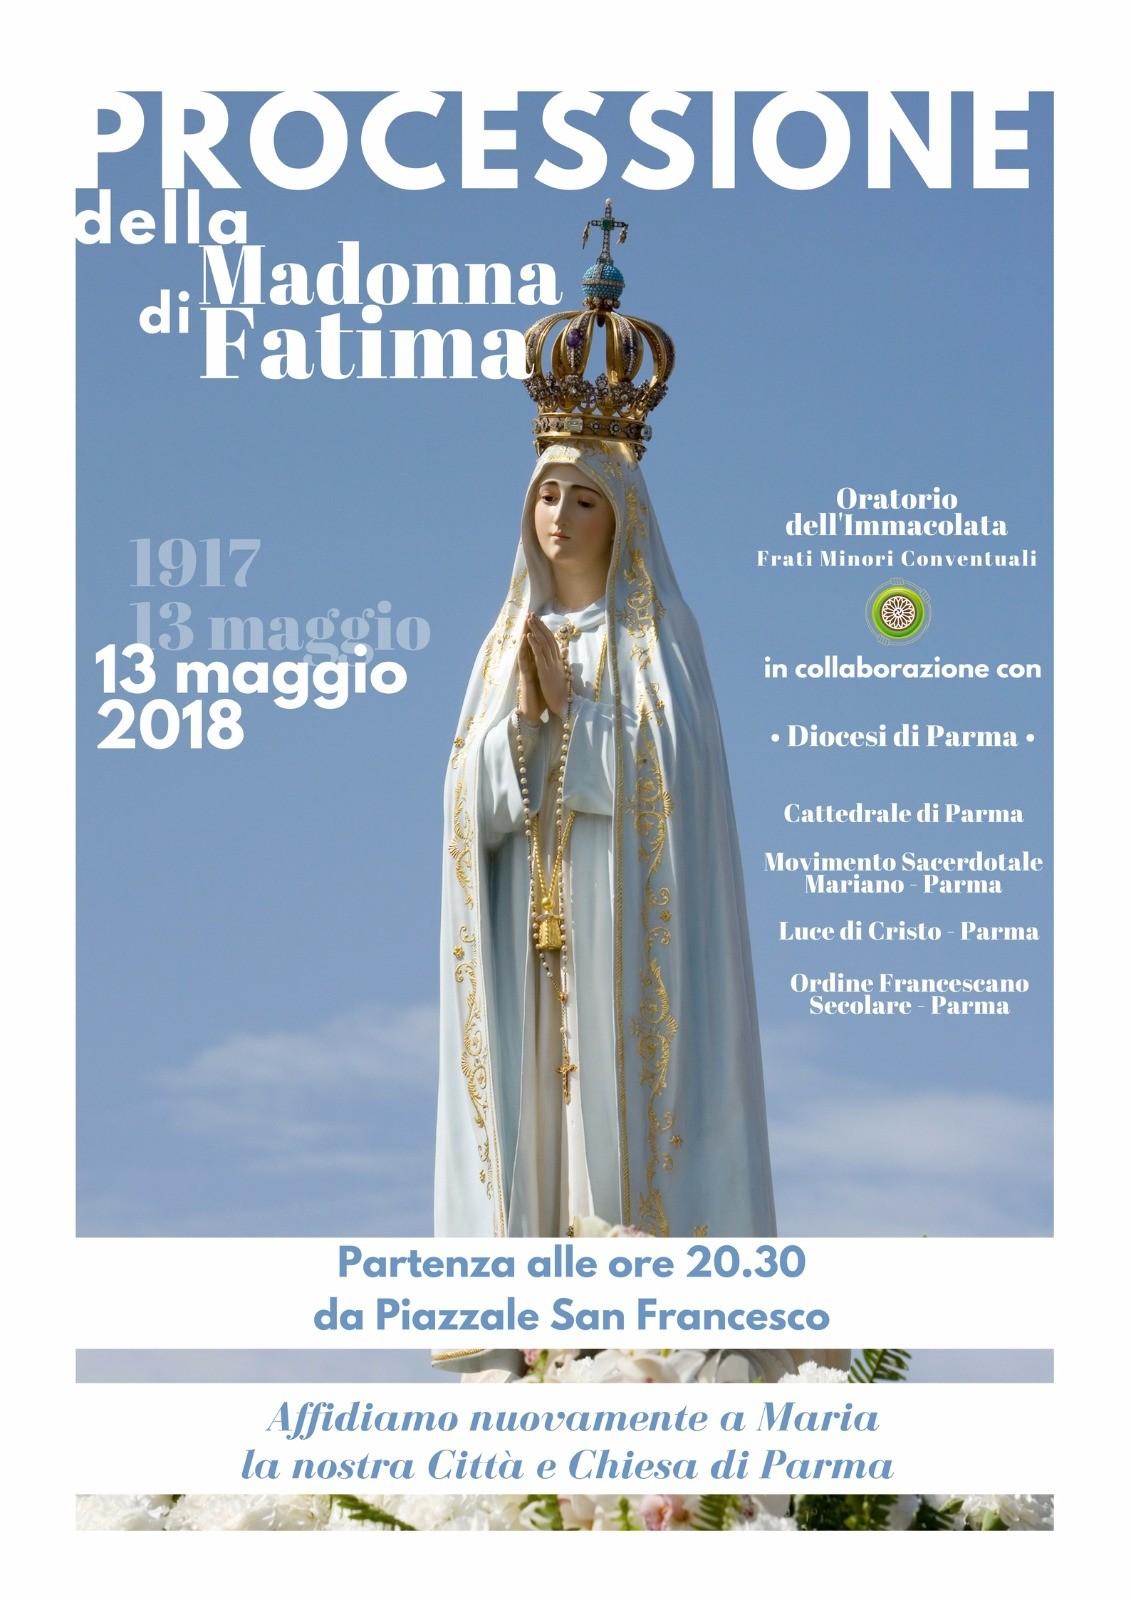 Processione della Madonna di Fatina